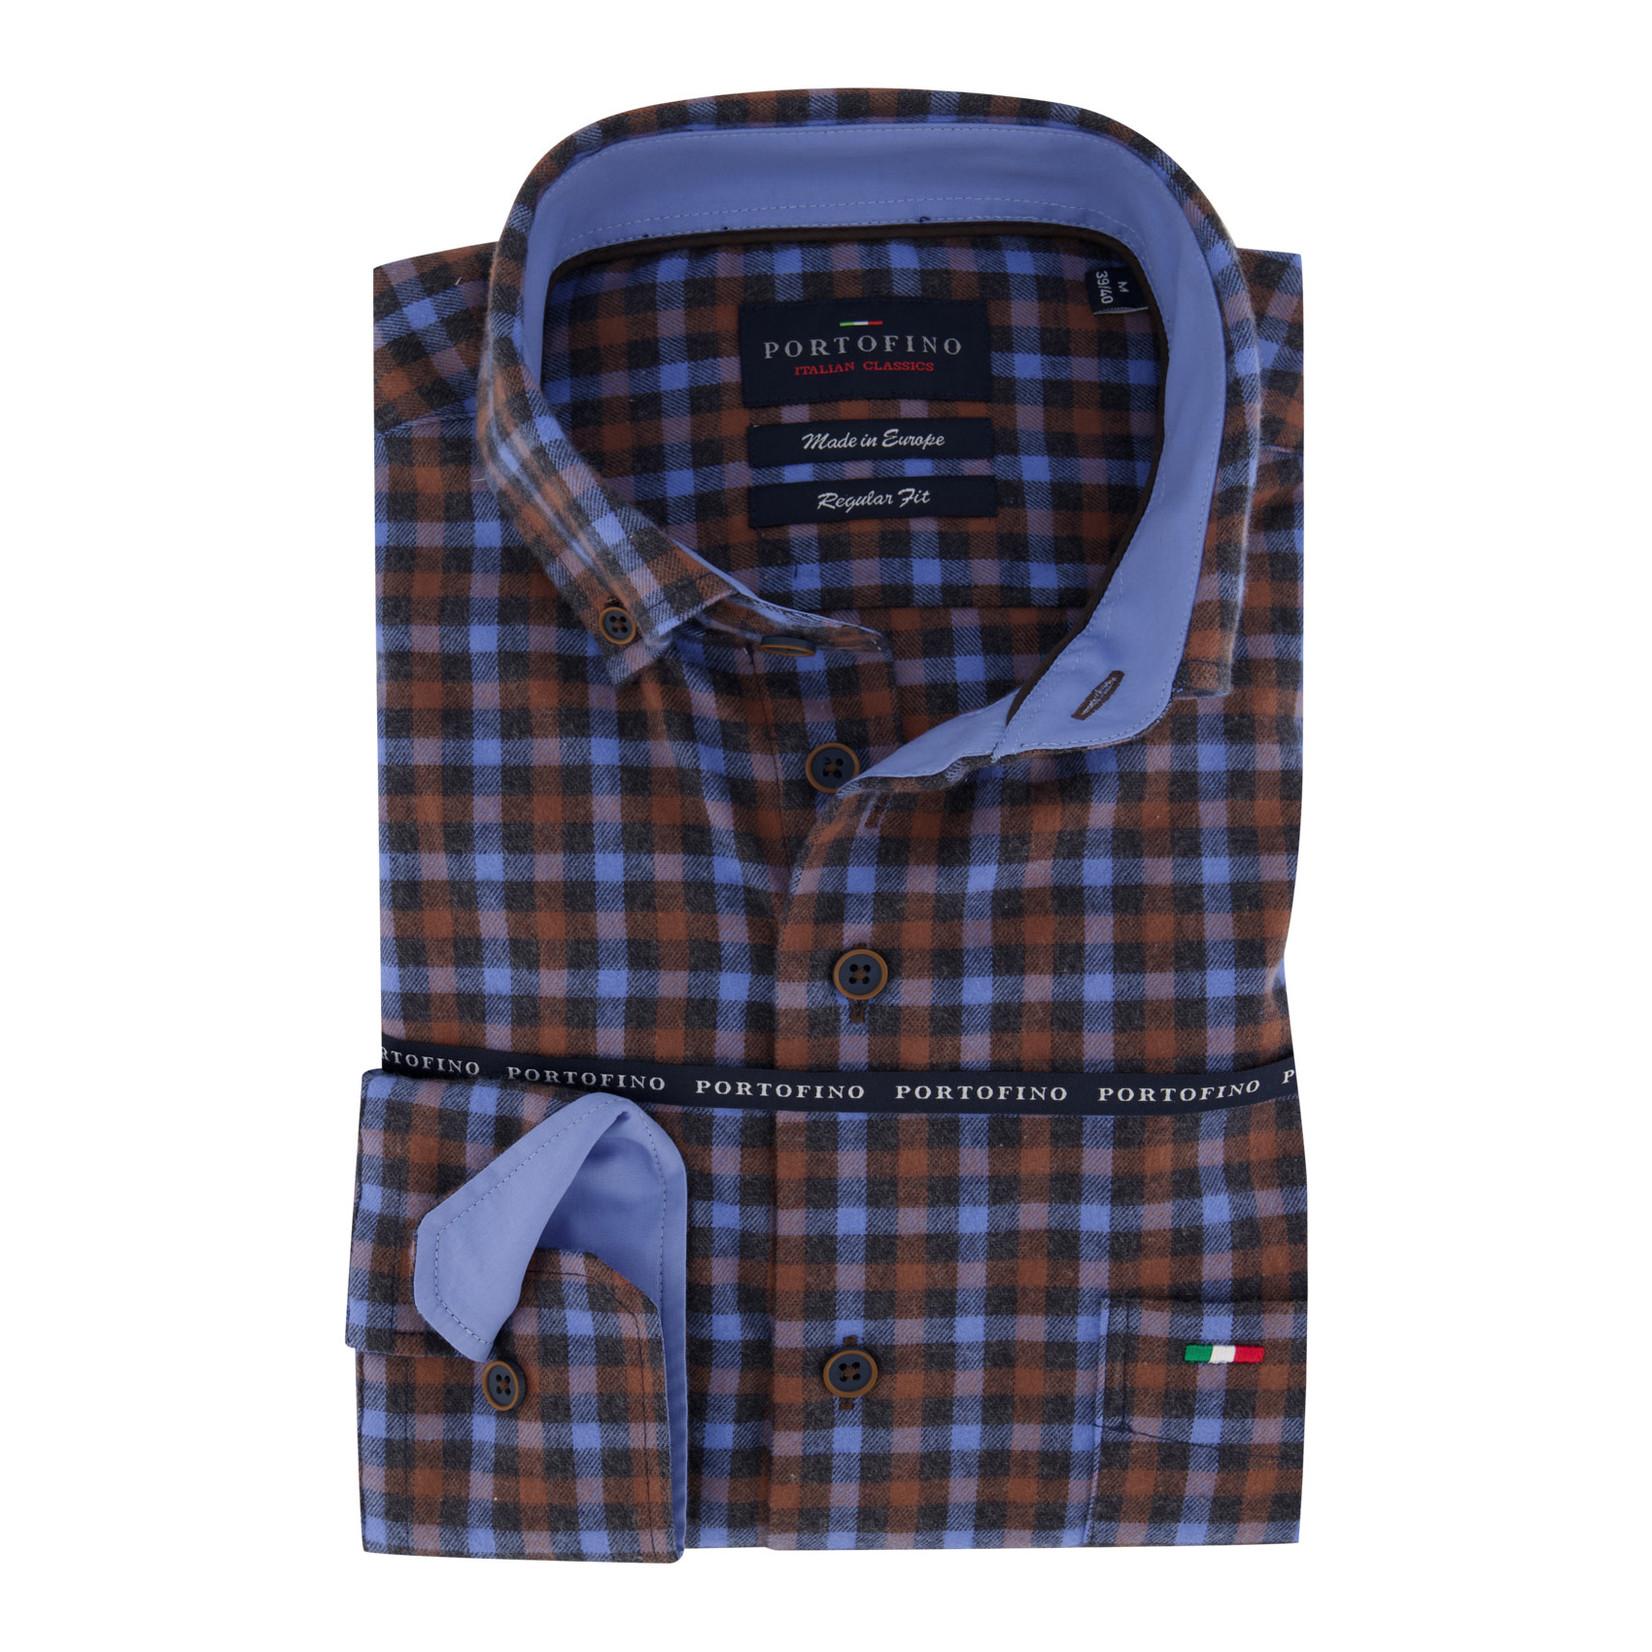 Portofino regular fit overhemd ruit blauwverhemd ruit blauw